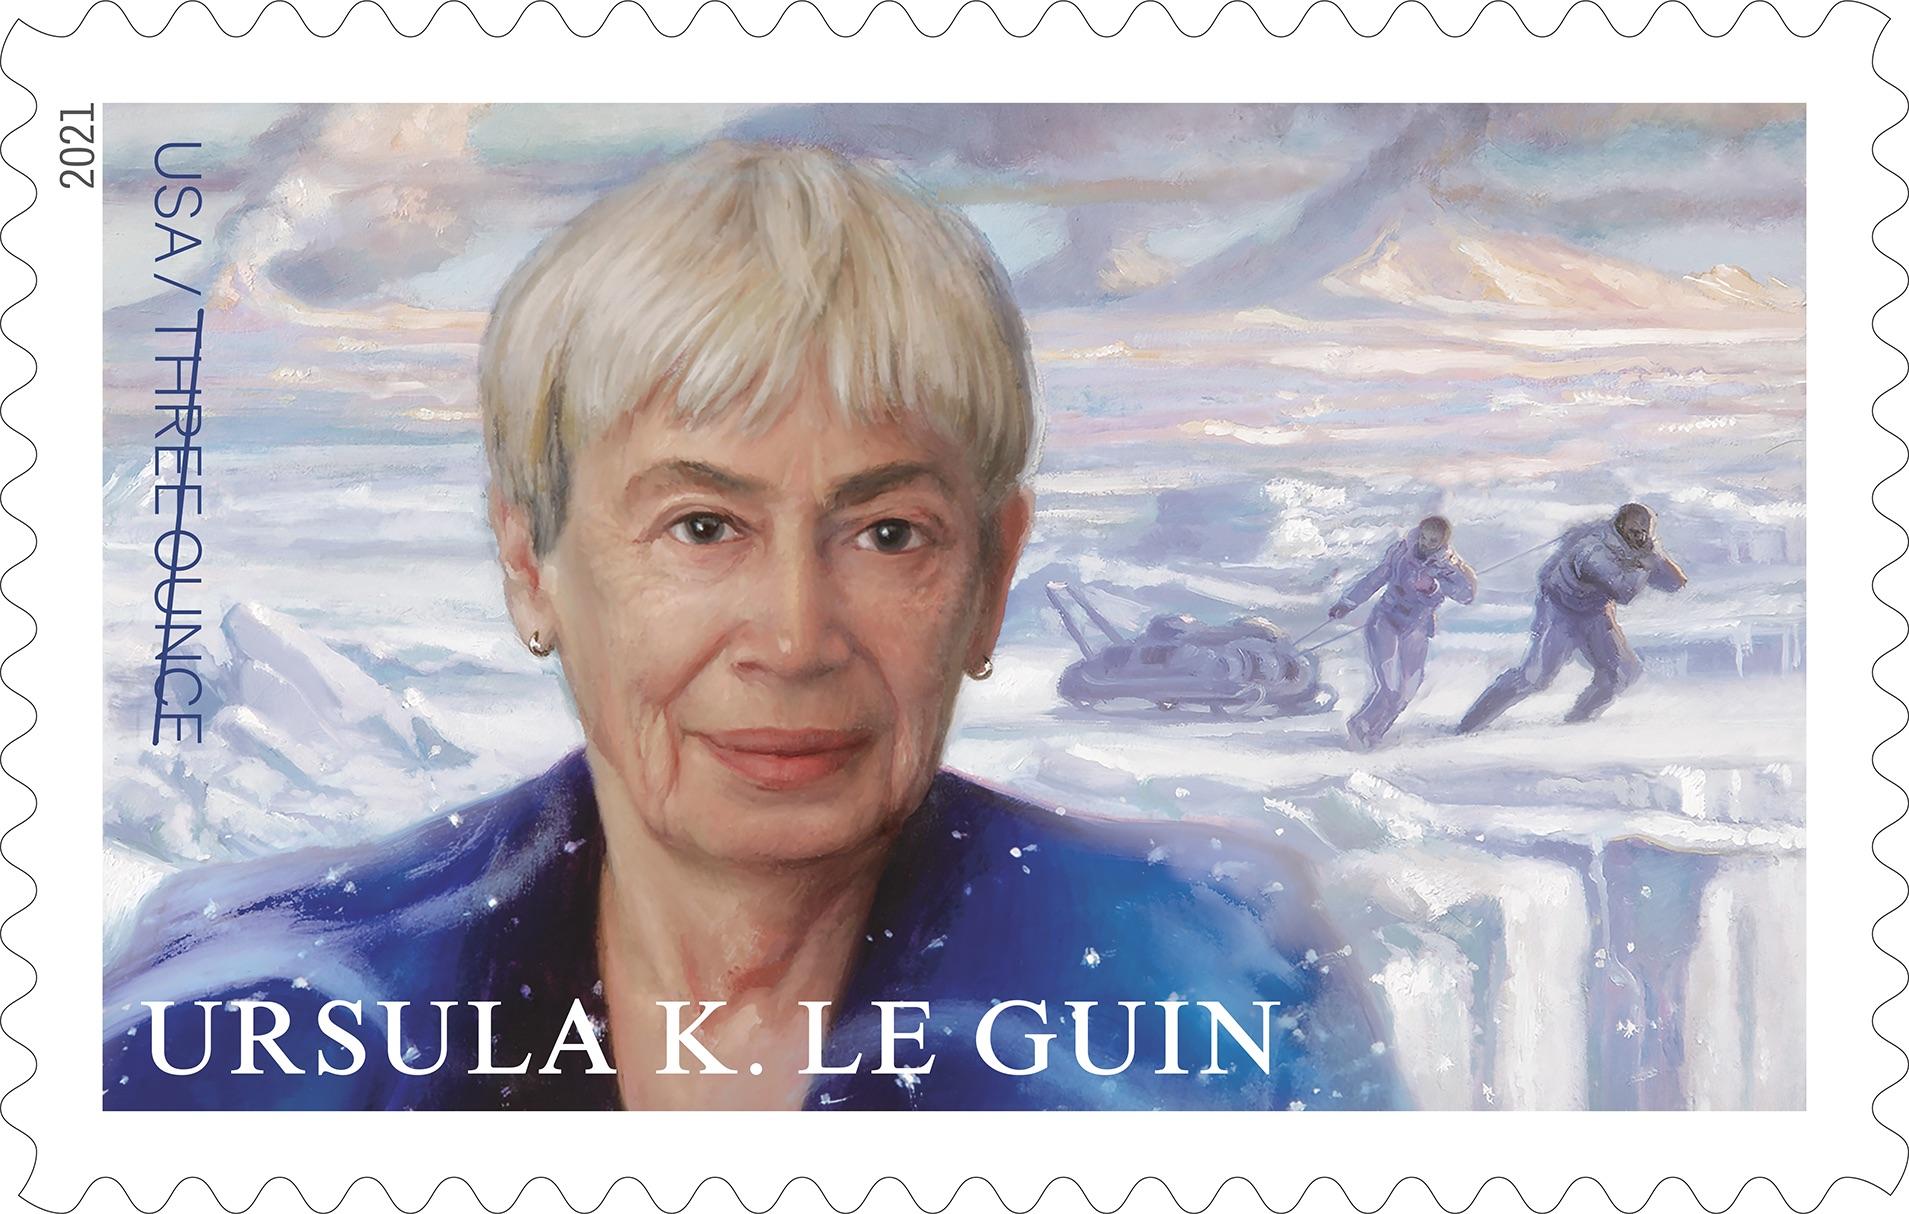 Ursula K. Le Guin tendrá su propio sello de correos, homenaje del Servicio Postal de Estados Unidos